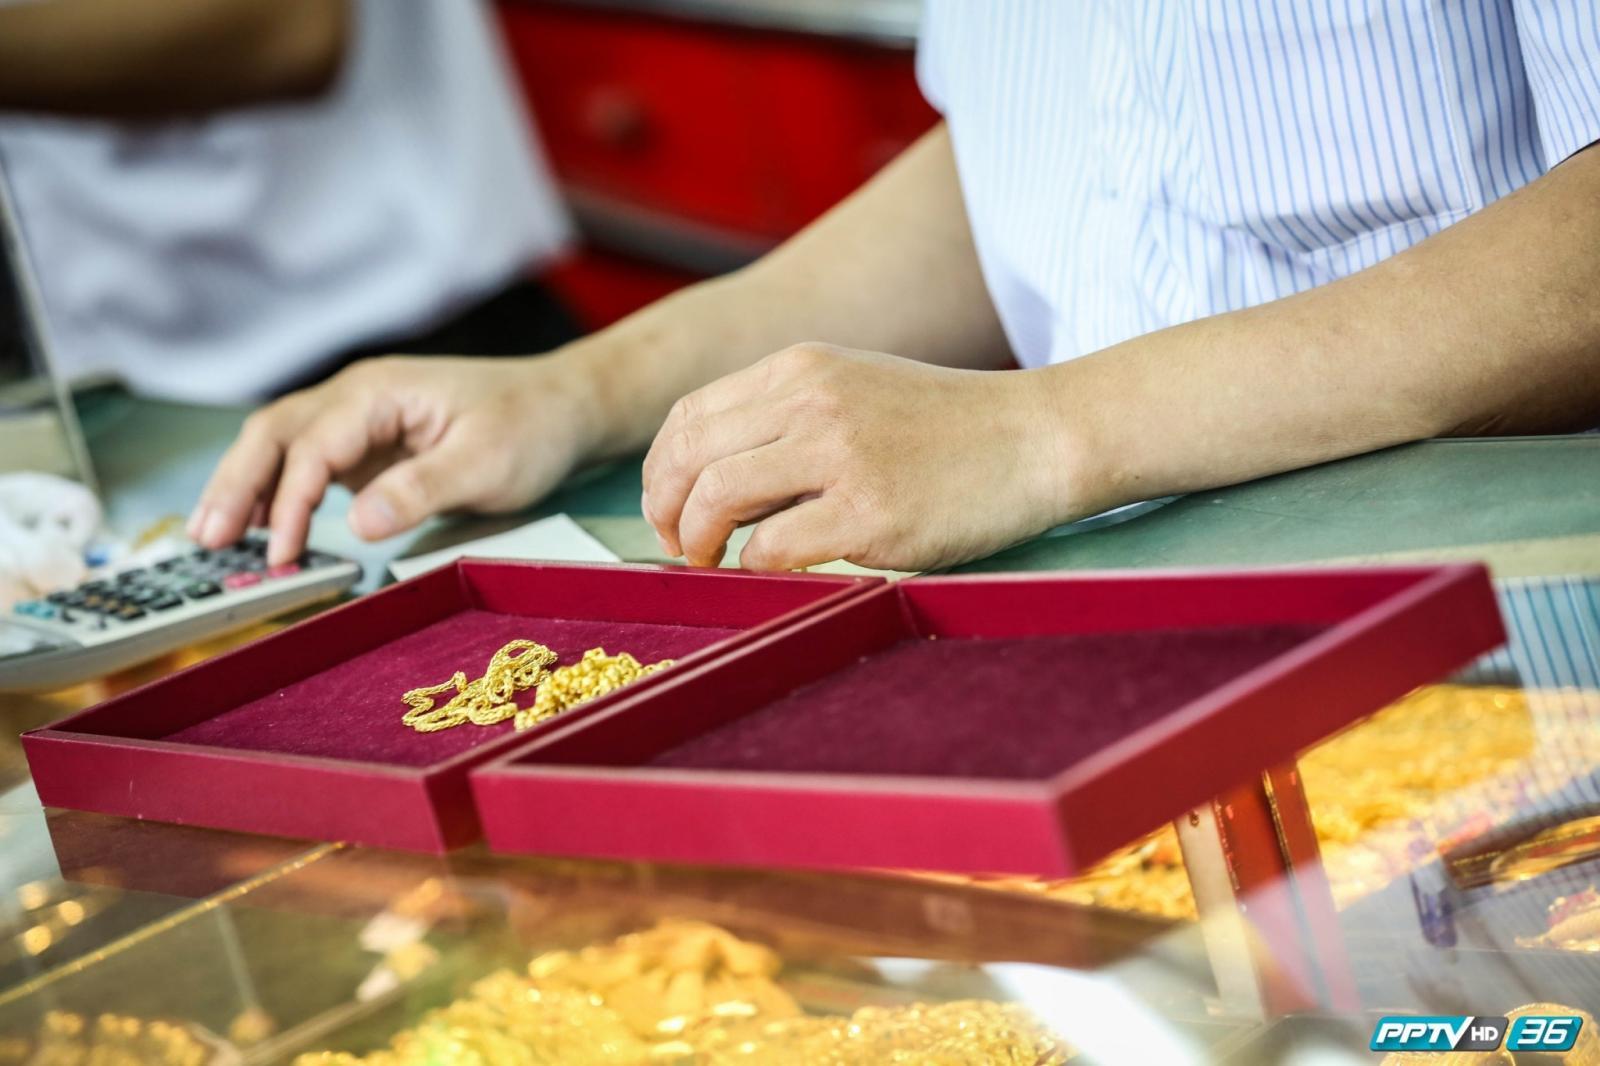 นักลงทุนแห่ขายทอง หลังราคาผันผวน คาดขึ้นอีก